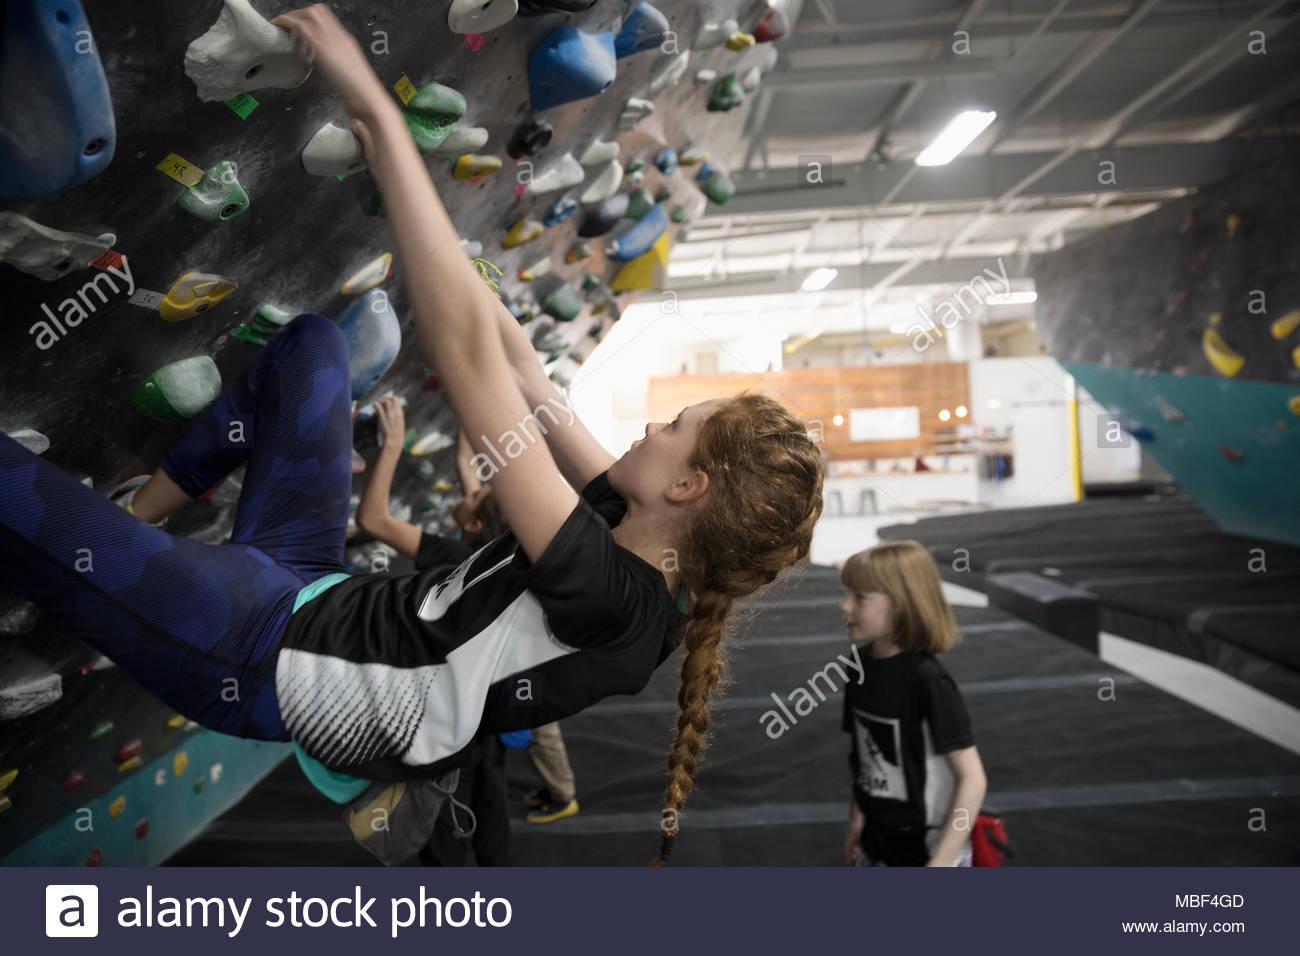 Girl rock climber climbing wall at climbing gym - Stock Image